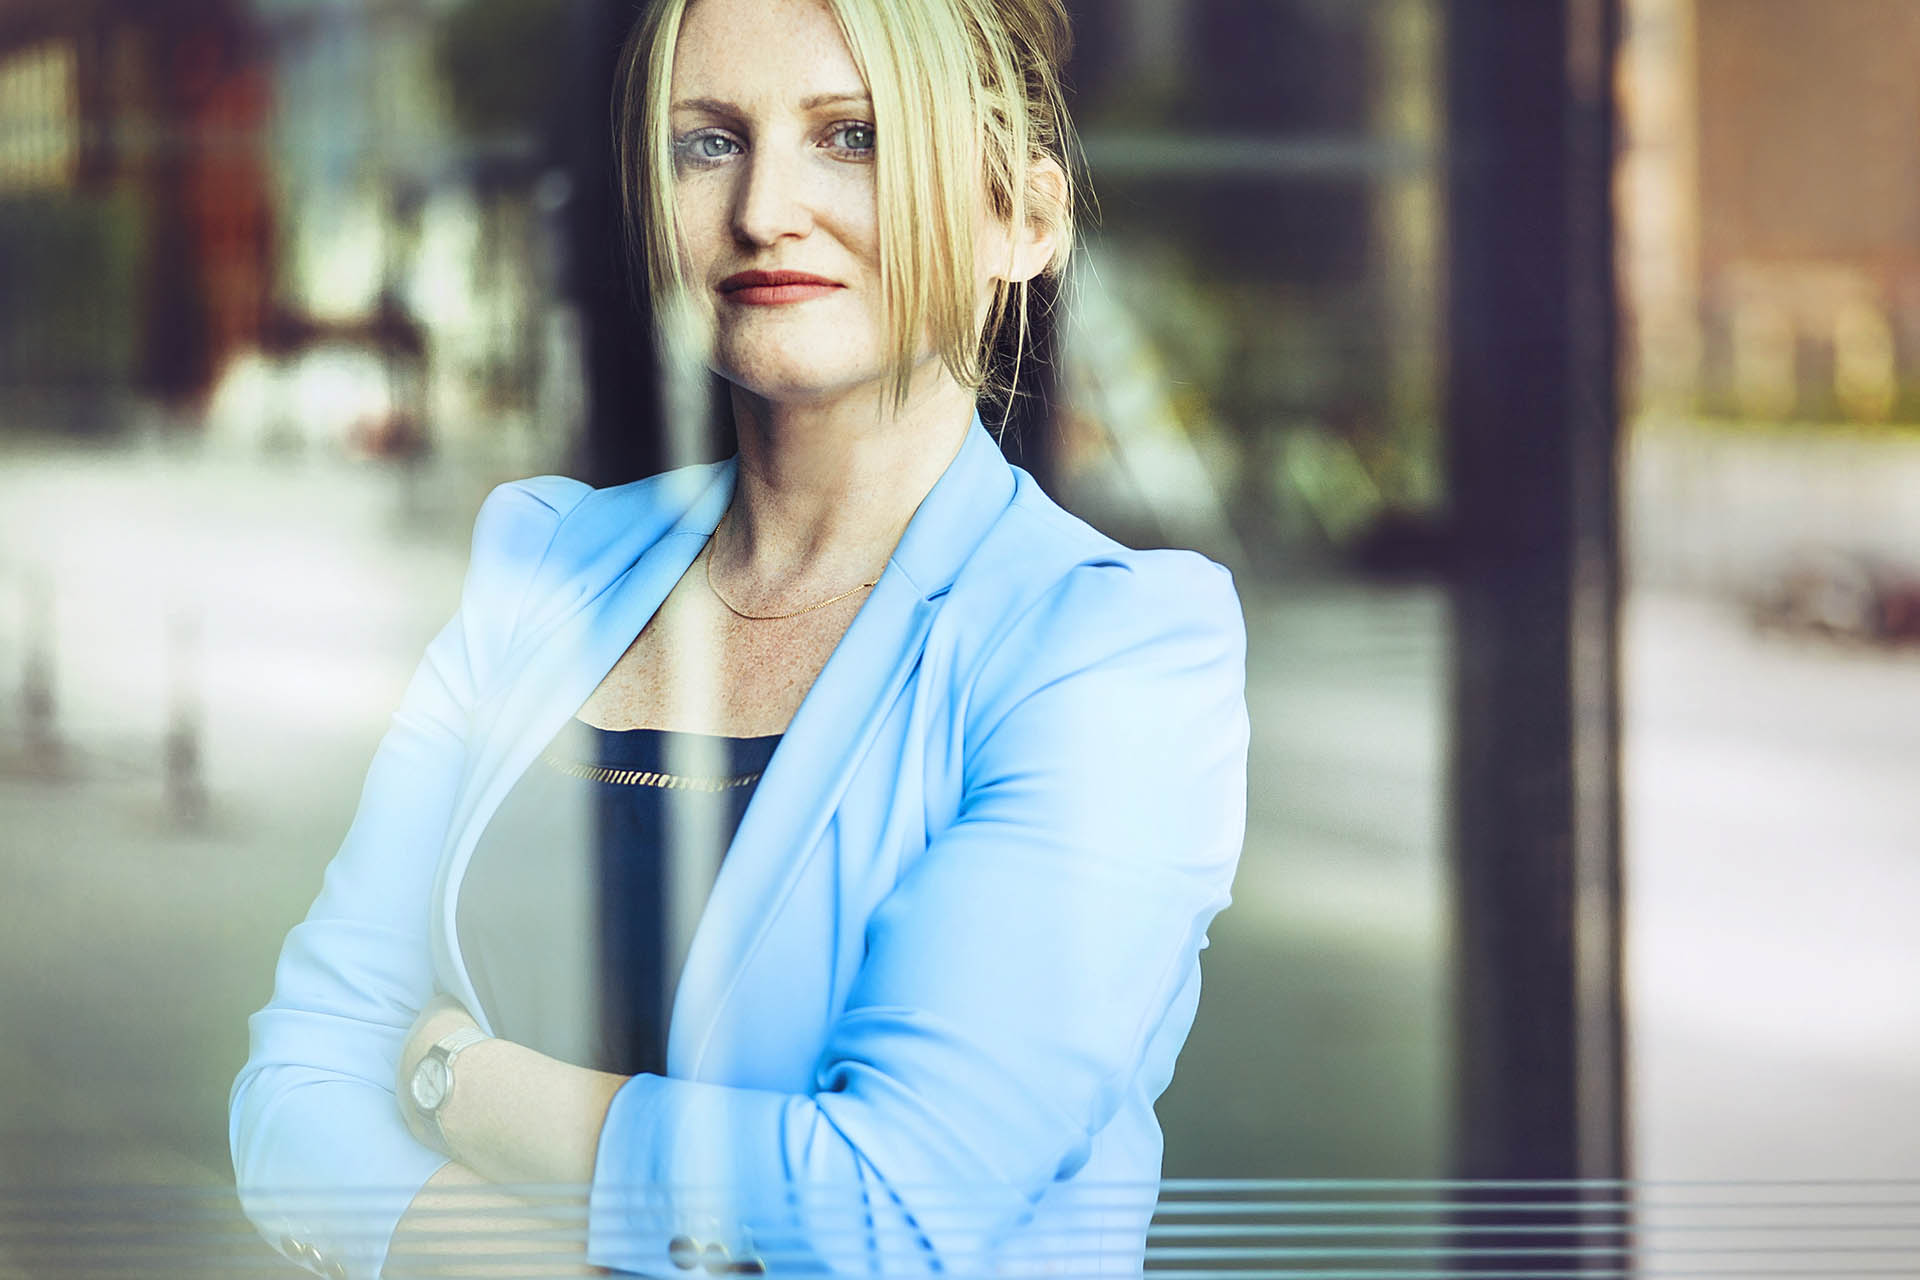 zdjęcie biznesowe kobiety